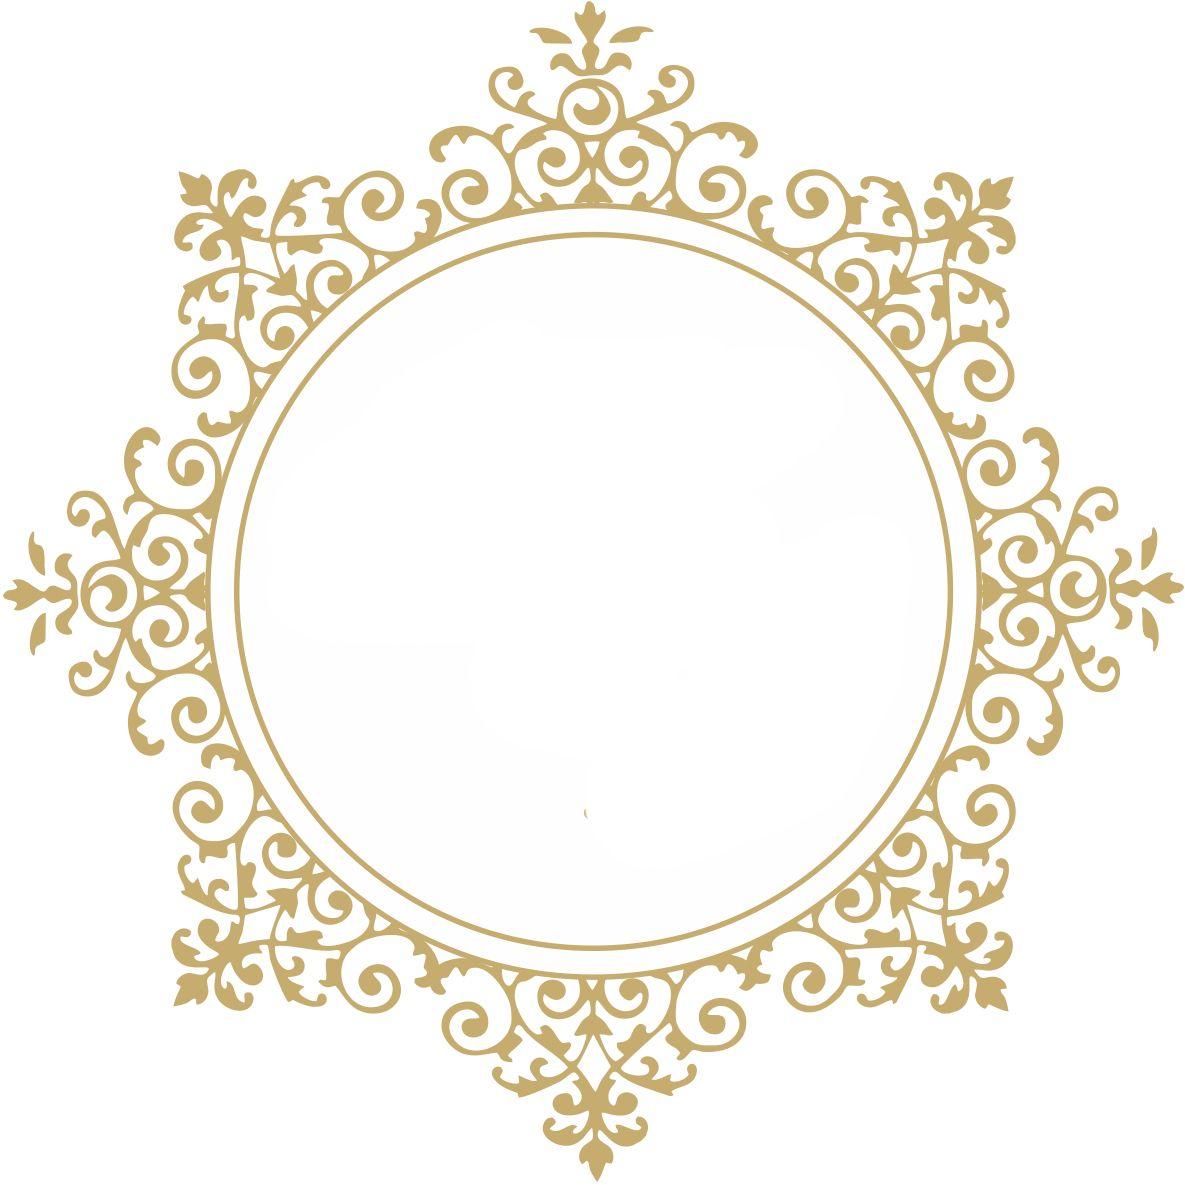 Monogramas E Arabescos 2816 29 Jpg 1185 1185 Logotipo Casamento Monograma Casamento Arabesco